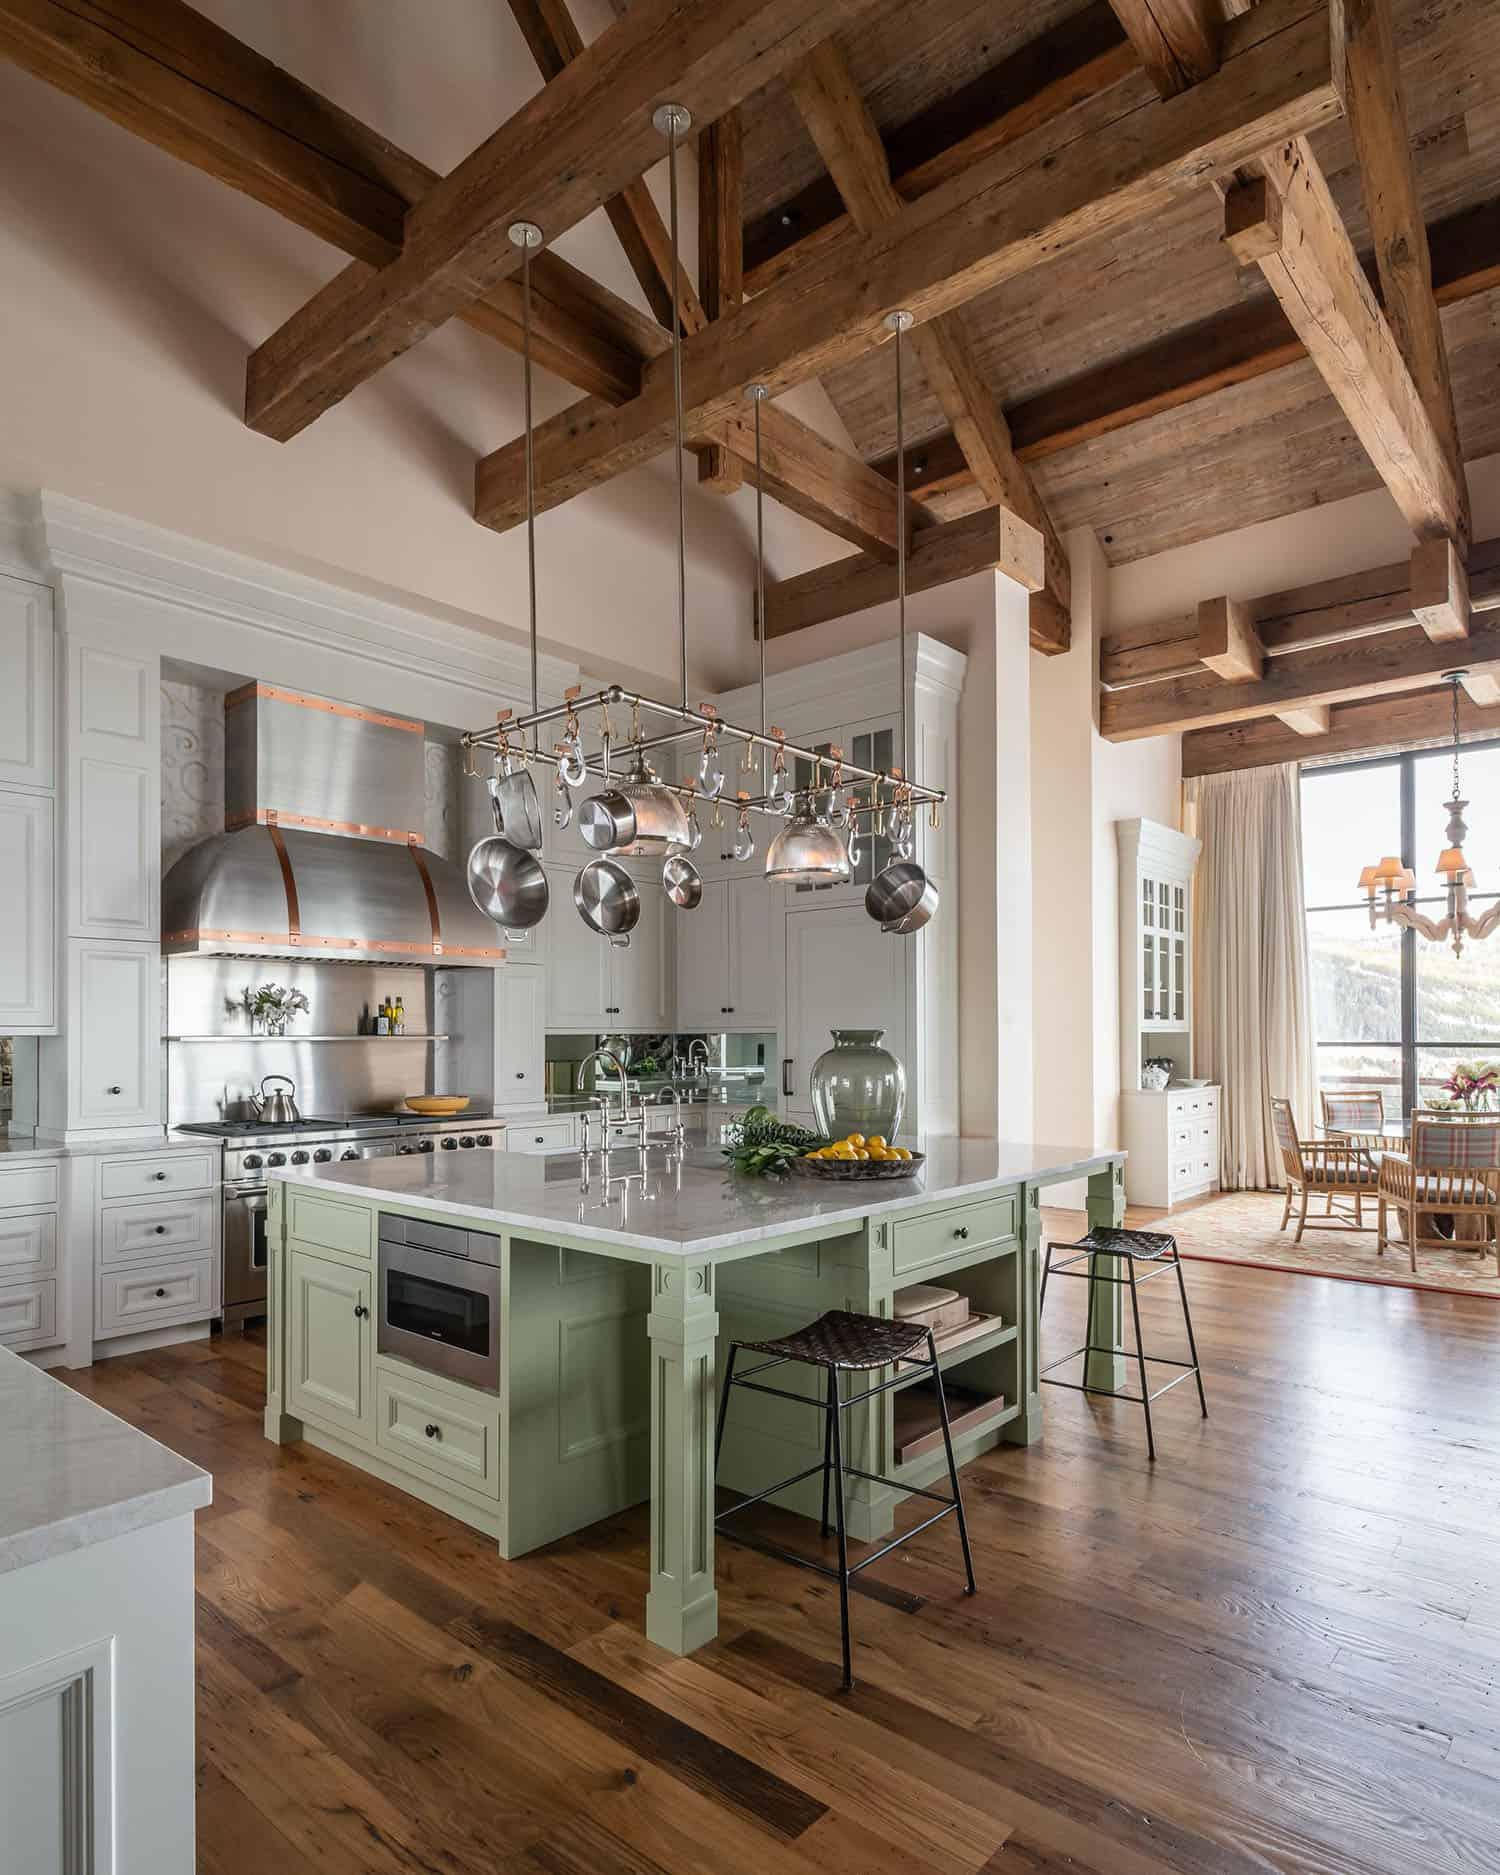 cuisine-salle-a-manger-moderne-ski-house